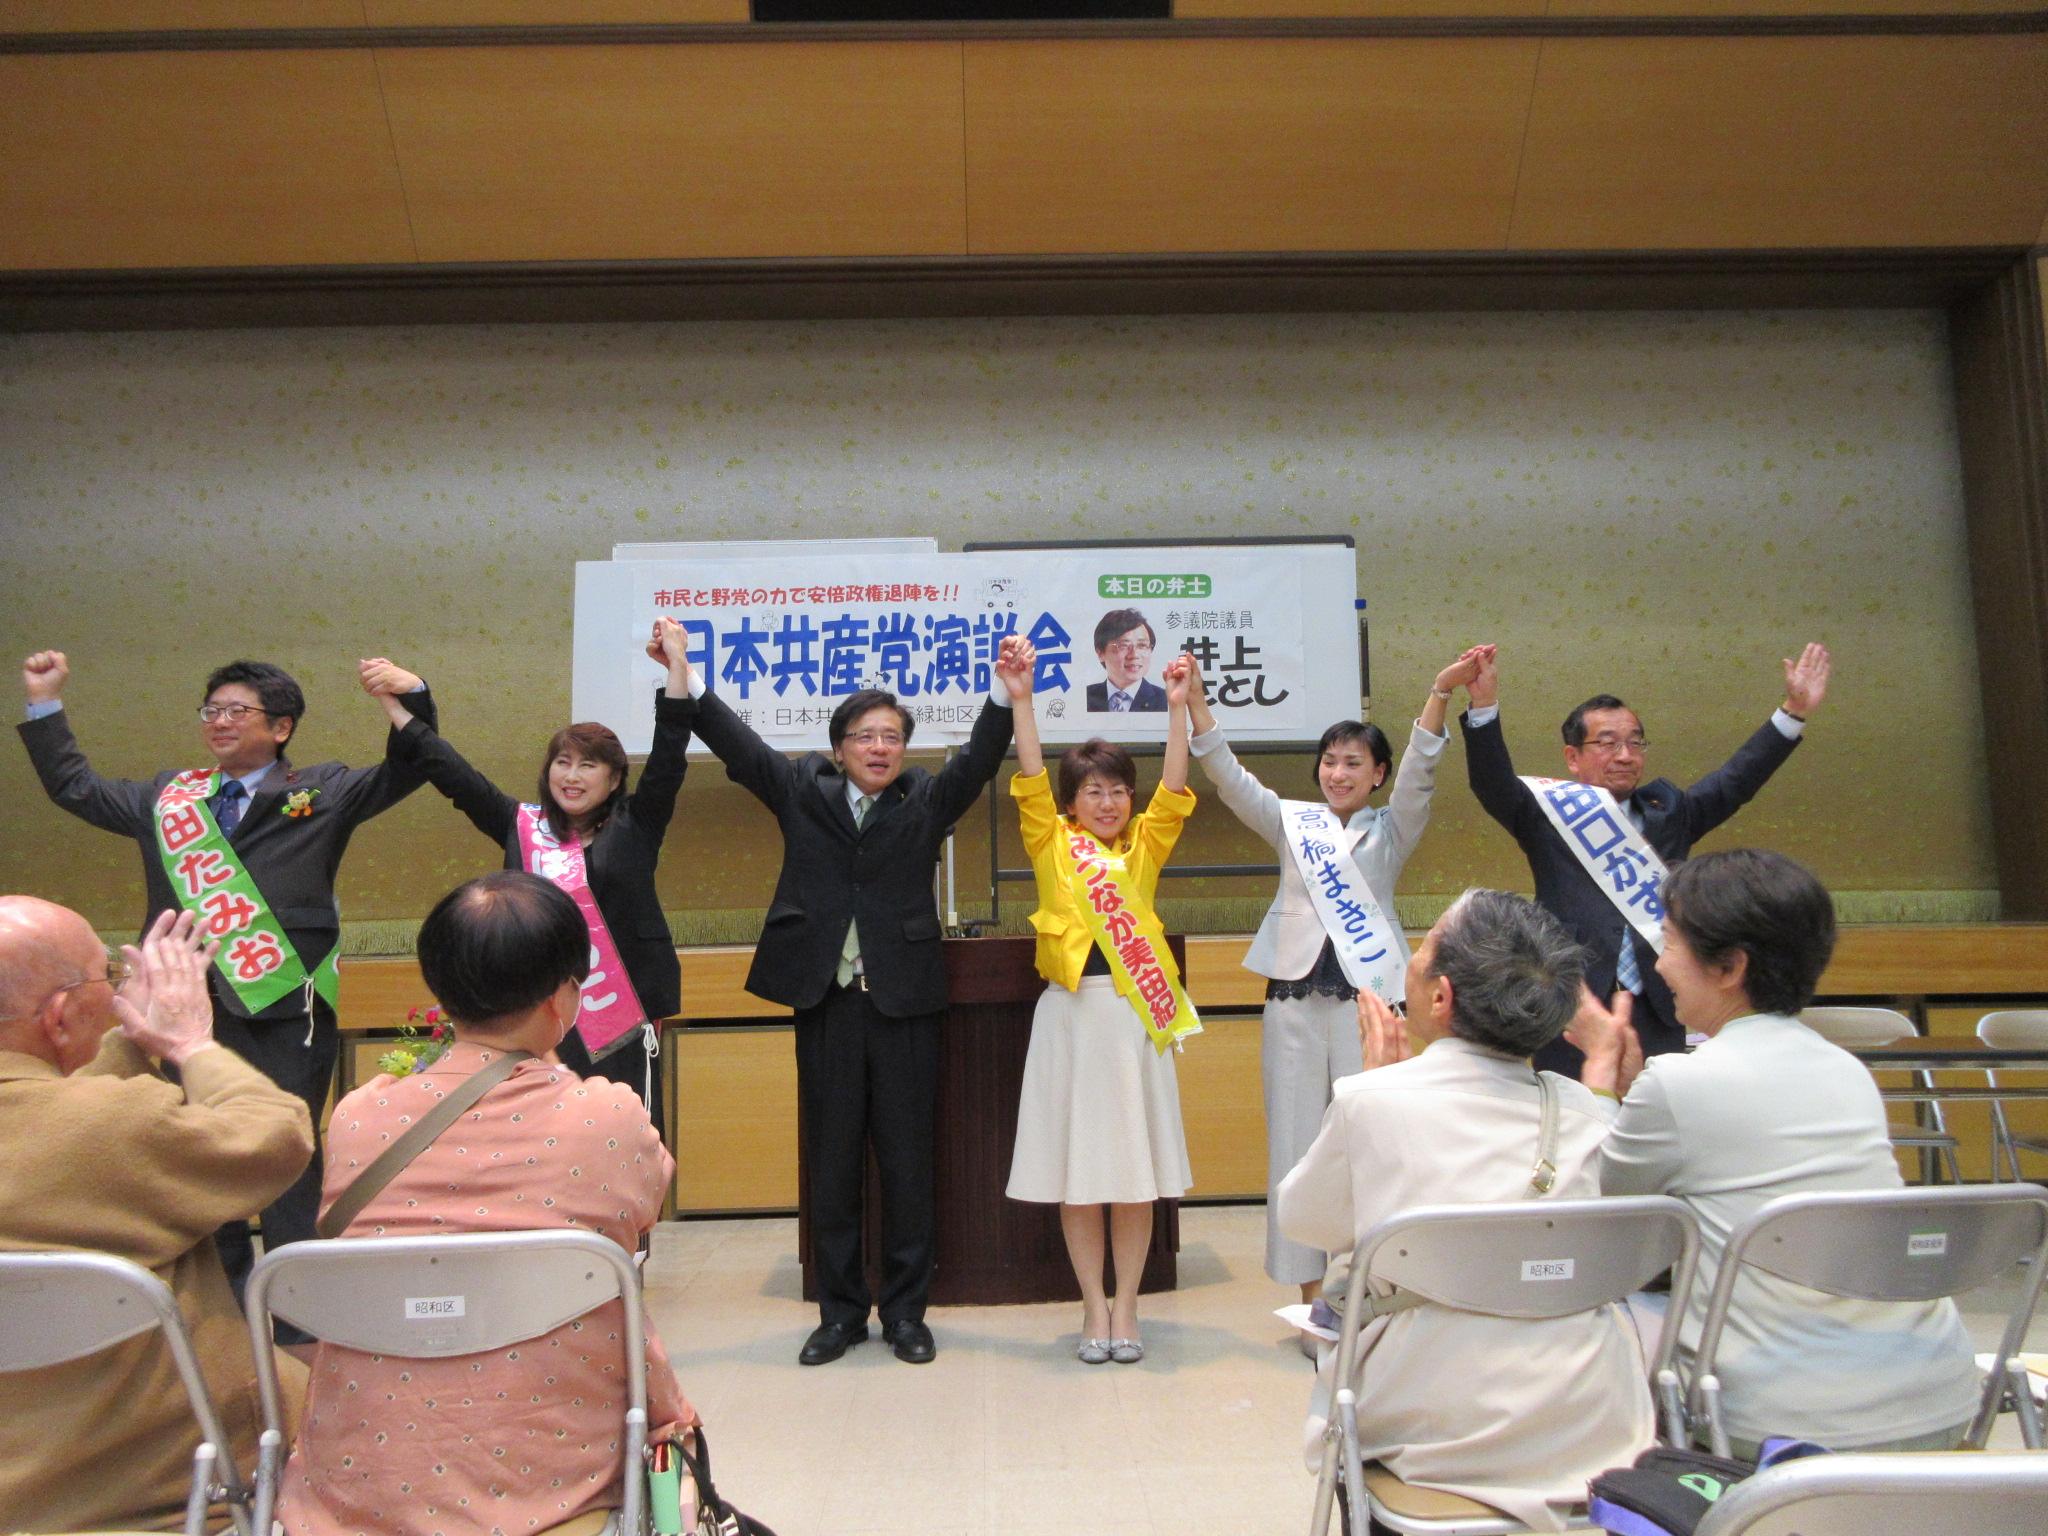 http://www.inoue-satoshi.com/diary/IMG_4236.JPG